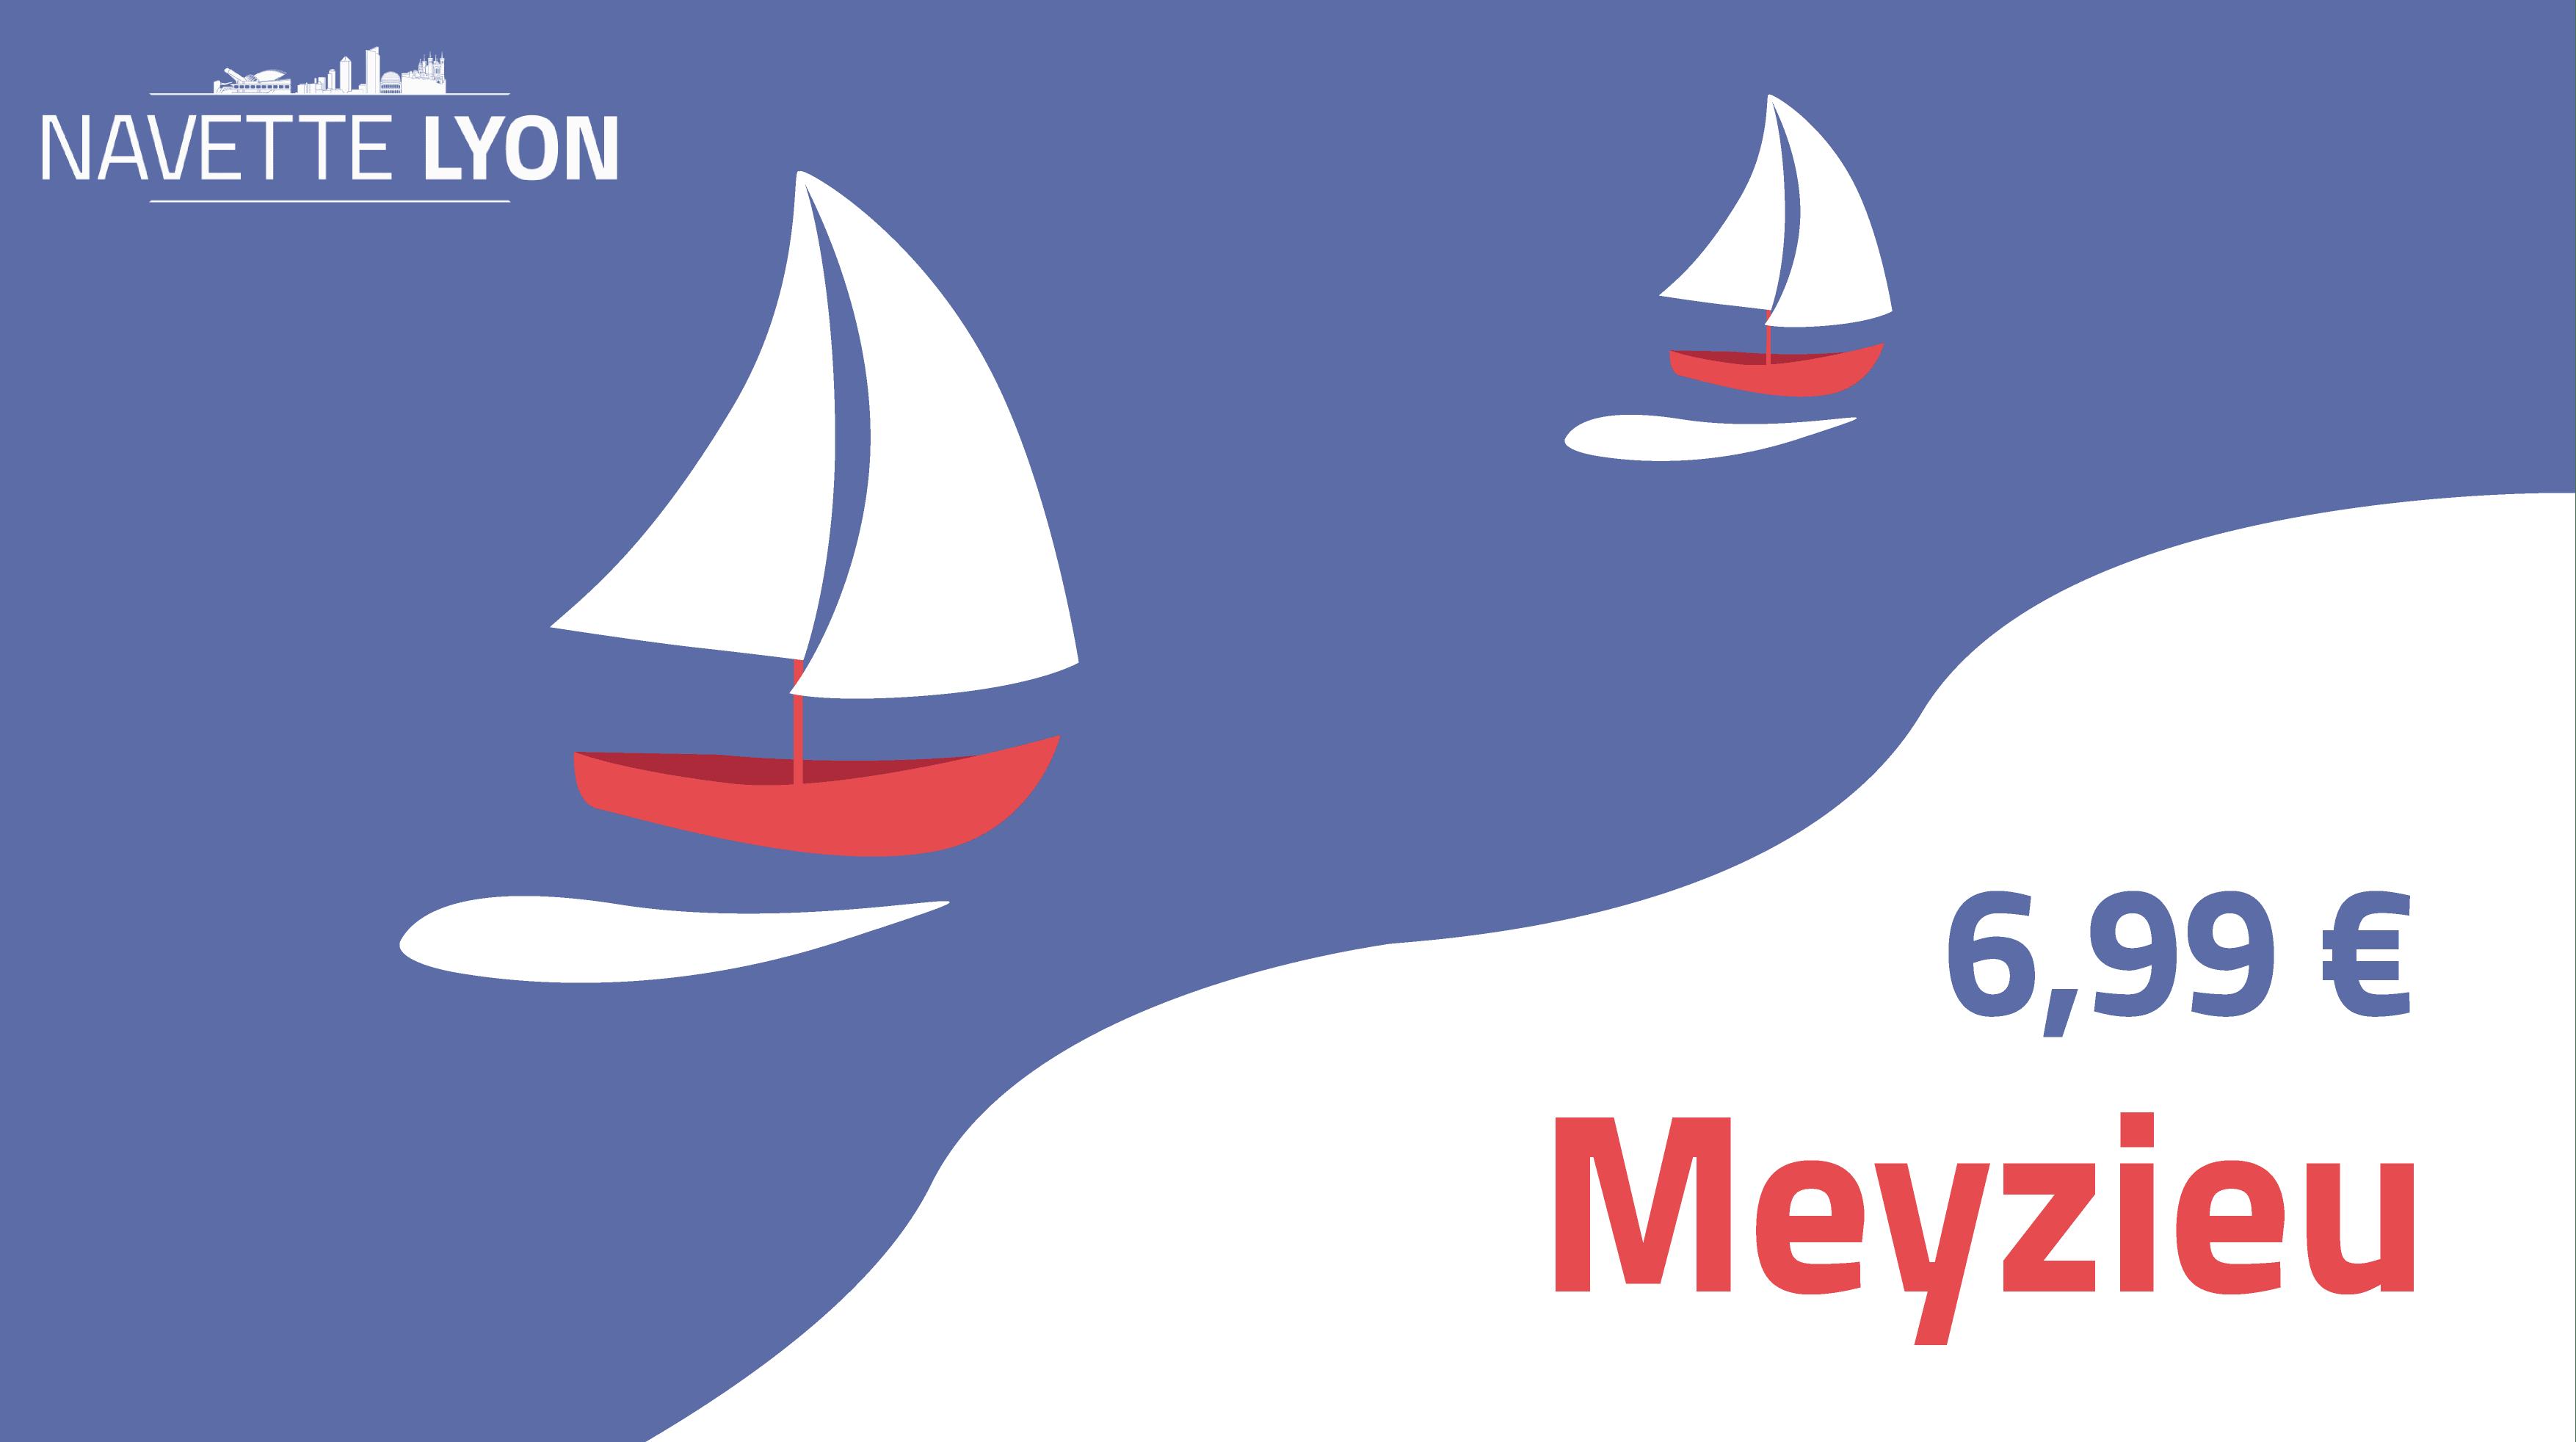 Meyzieu ZI Navette